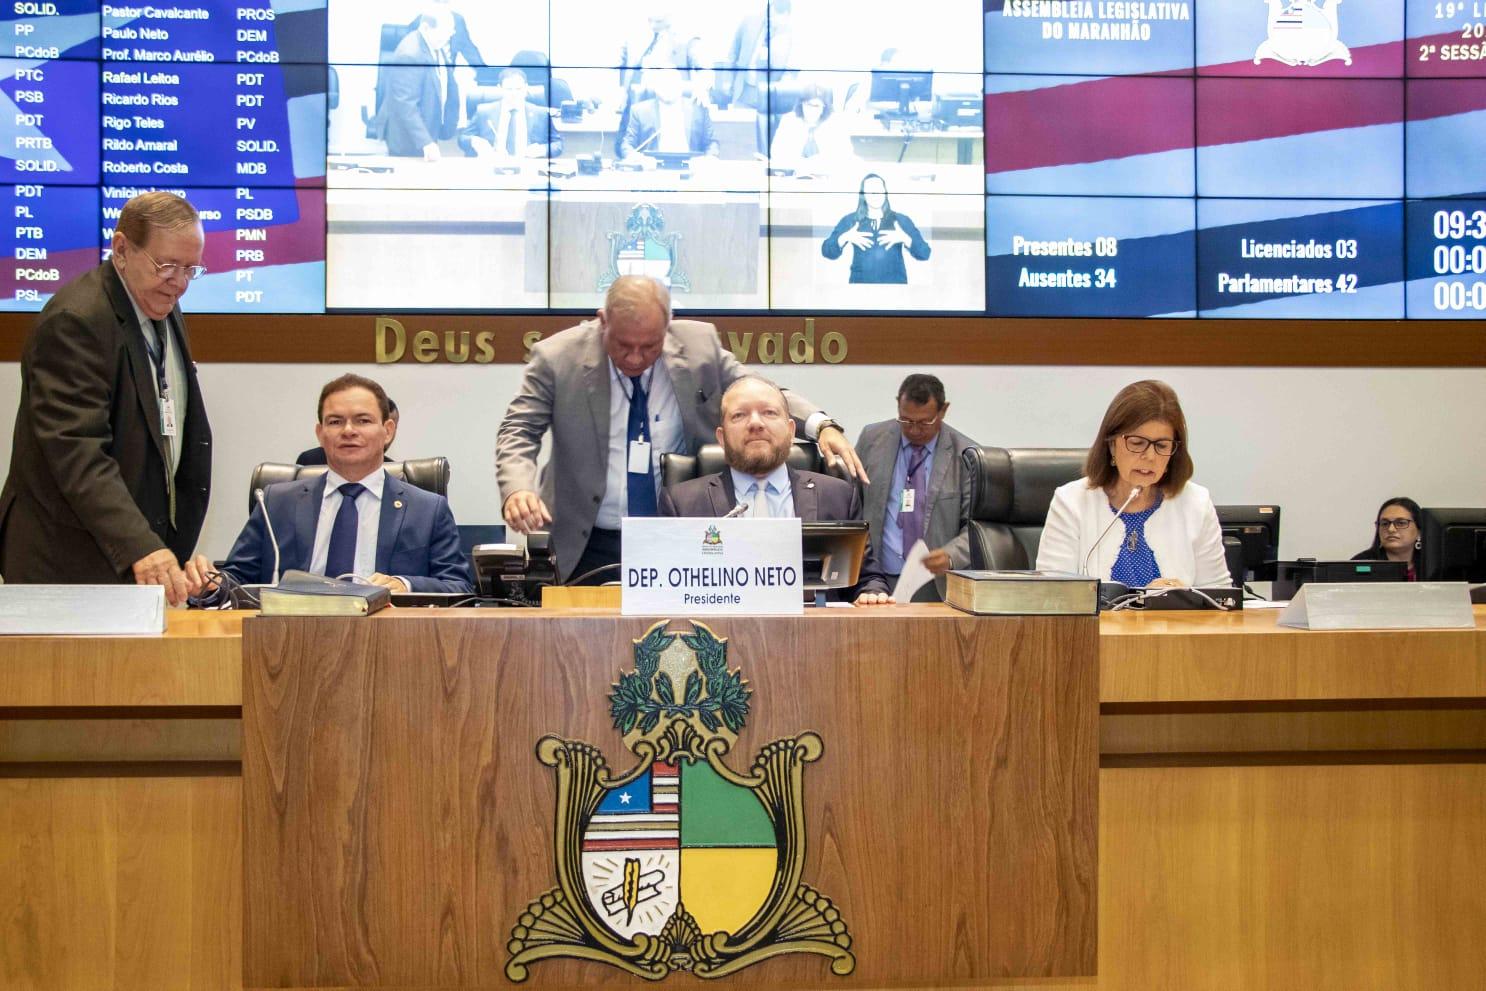 Mesa Diretora durante a sessão plenária desta quinta-feira, presidida pelo deputado Othelino Neto